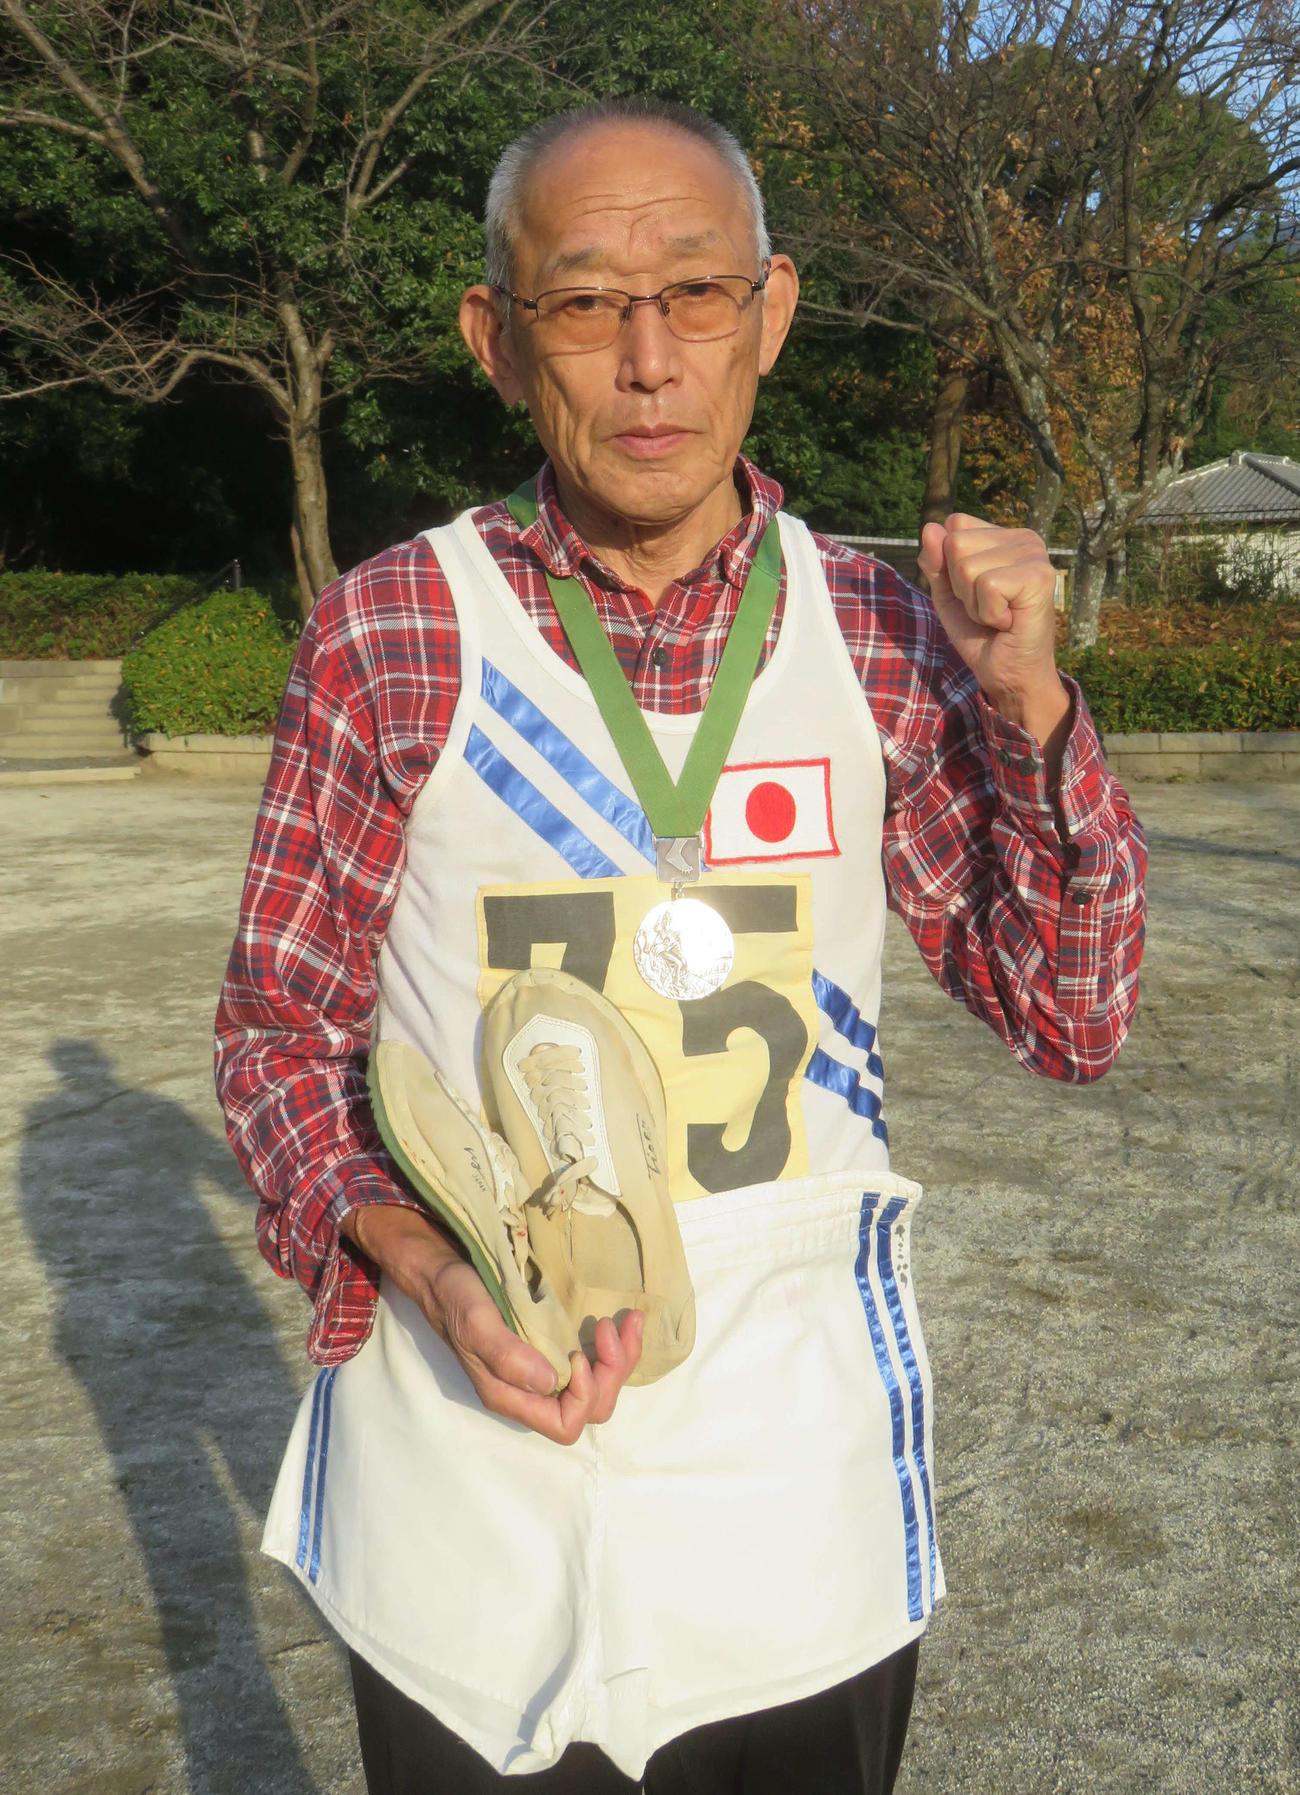 君原健二さんは東京五輪時のユニホーム、シューズとメキシコ五輪の銀メダルを胸にガッツポーズ